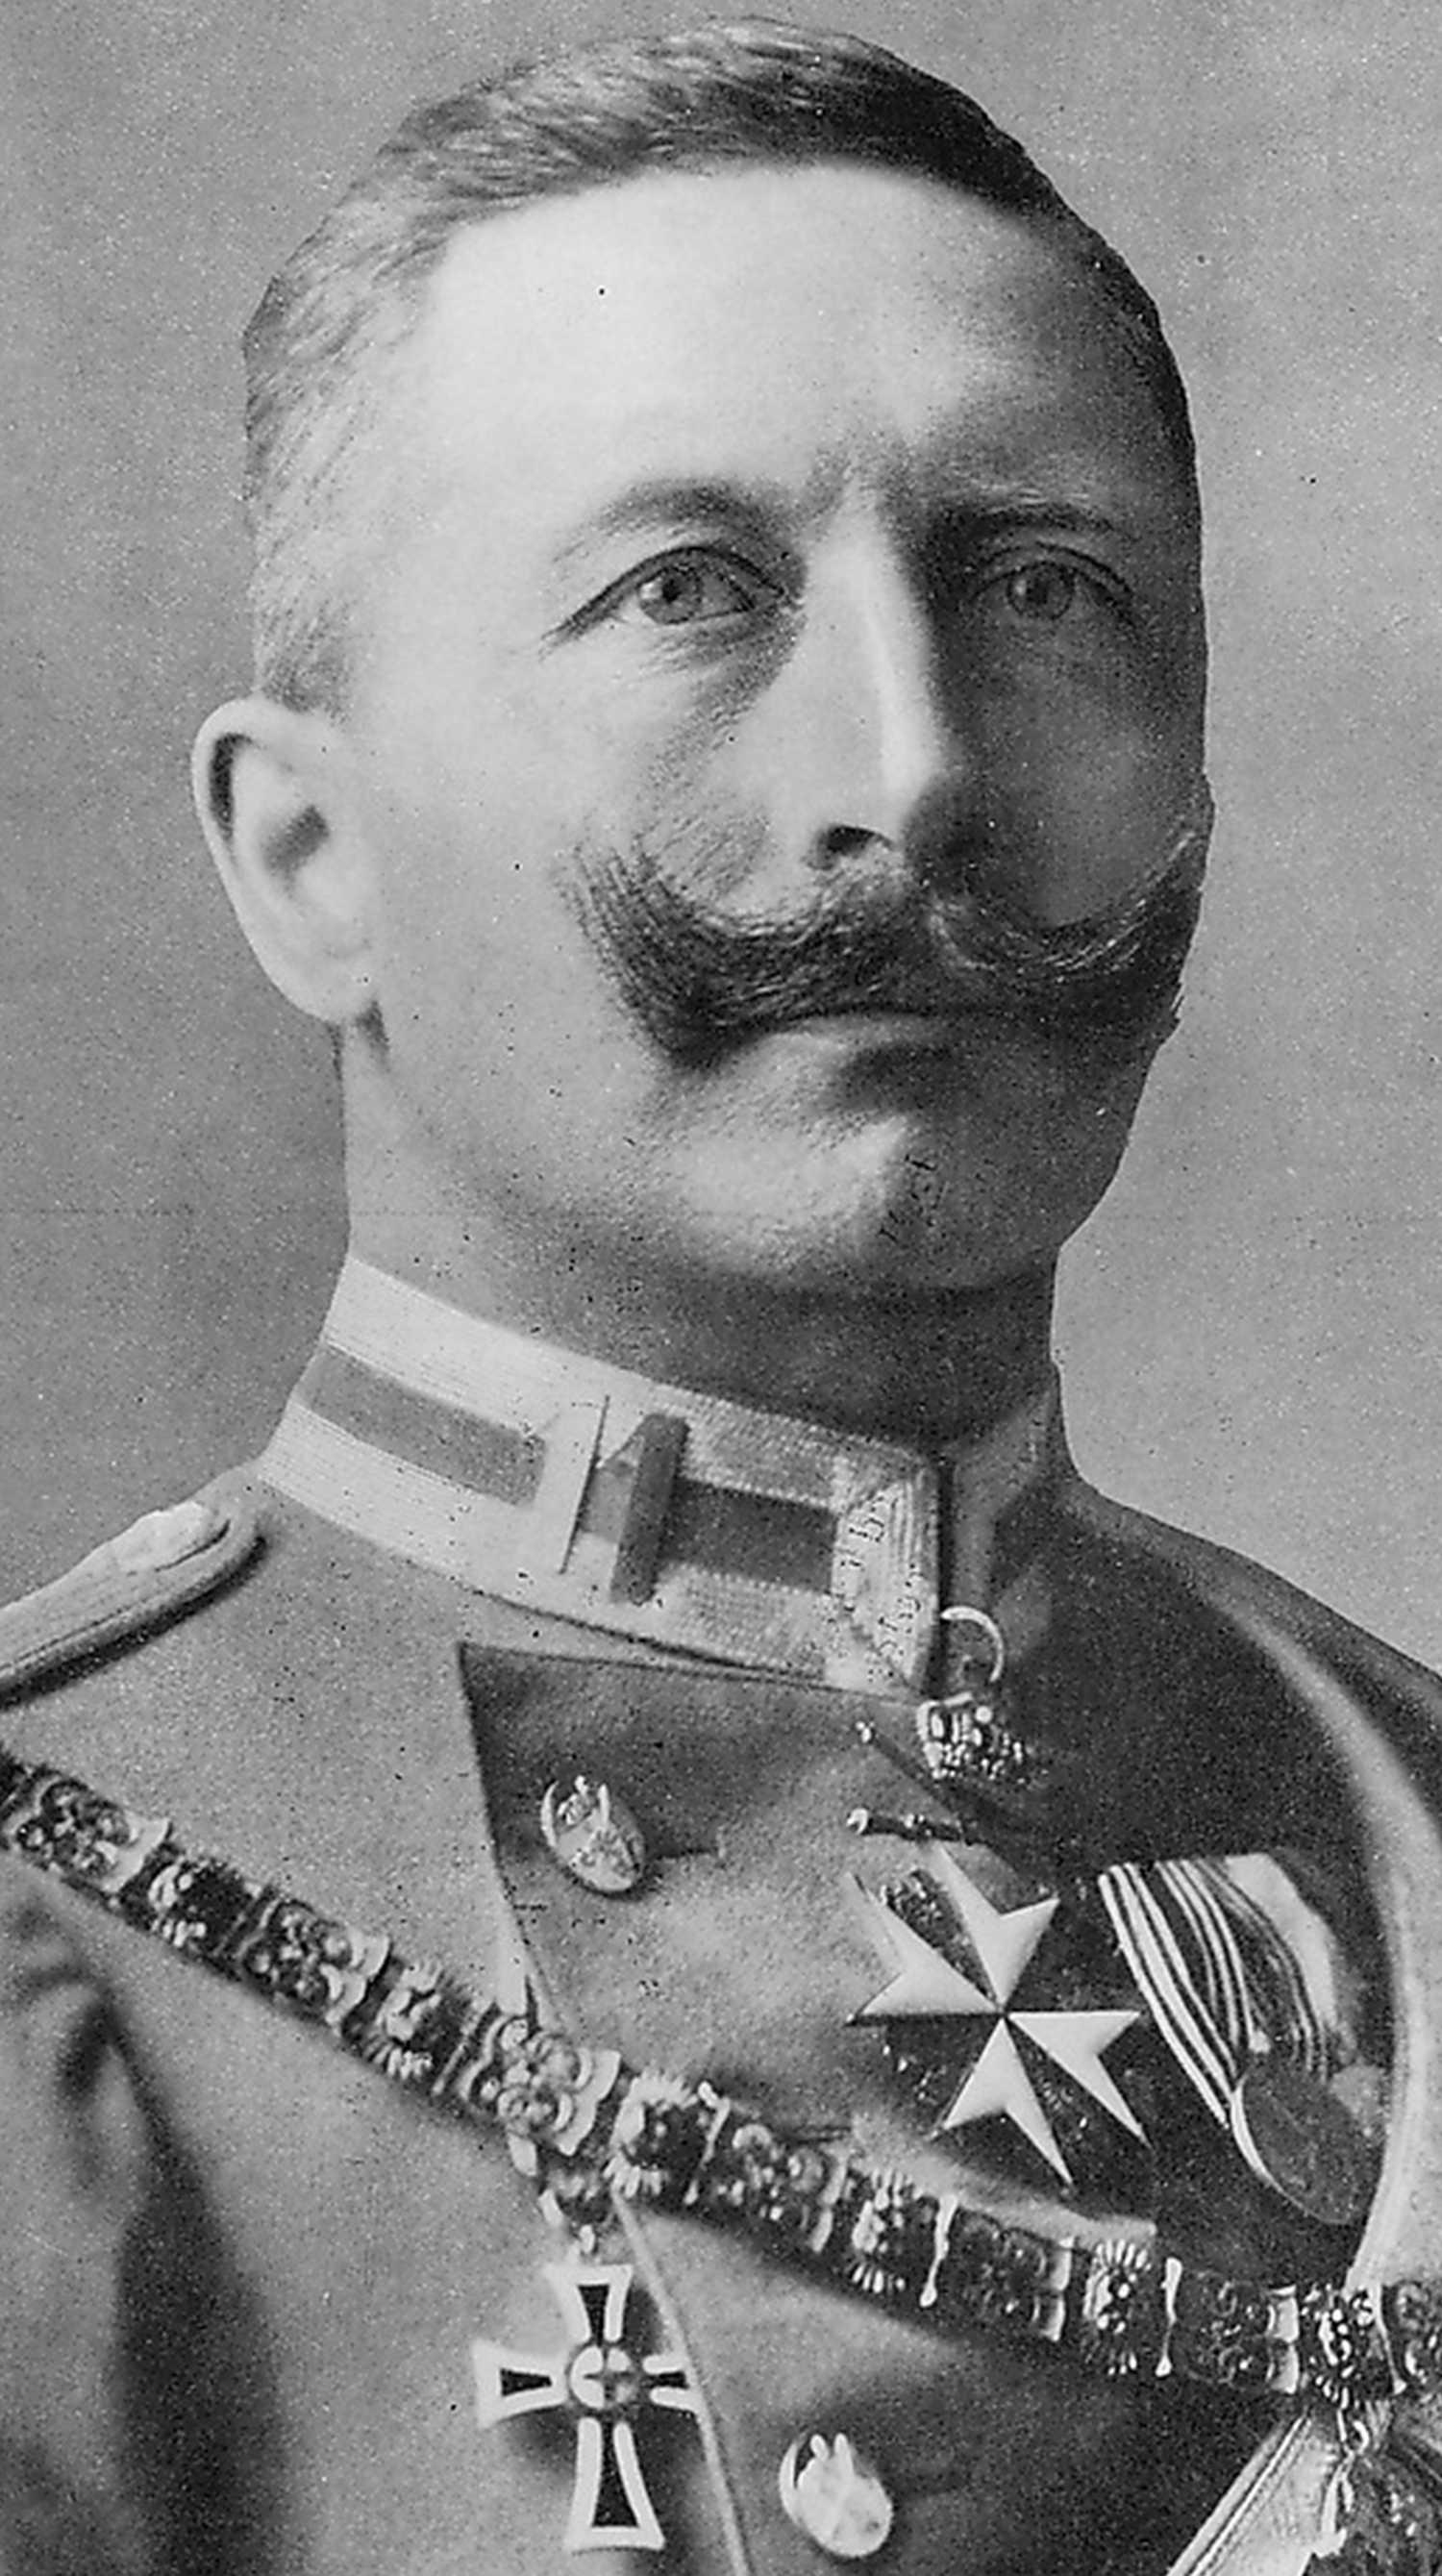 Kejsare Vilhelm II